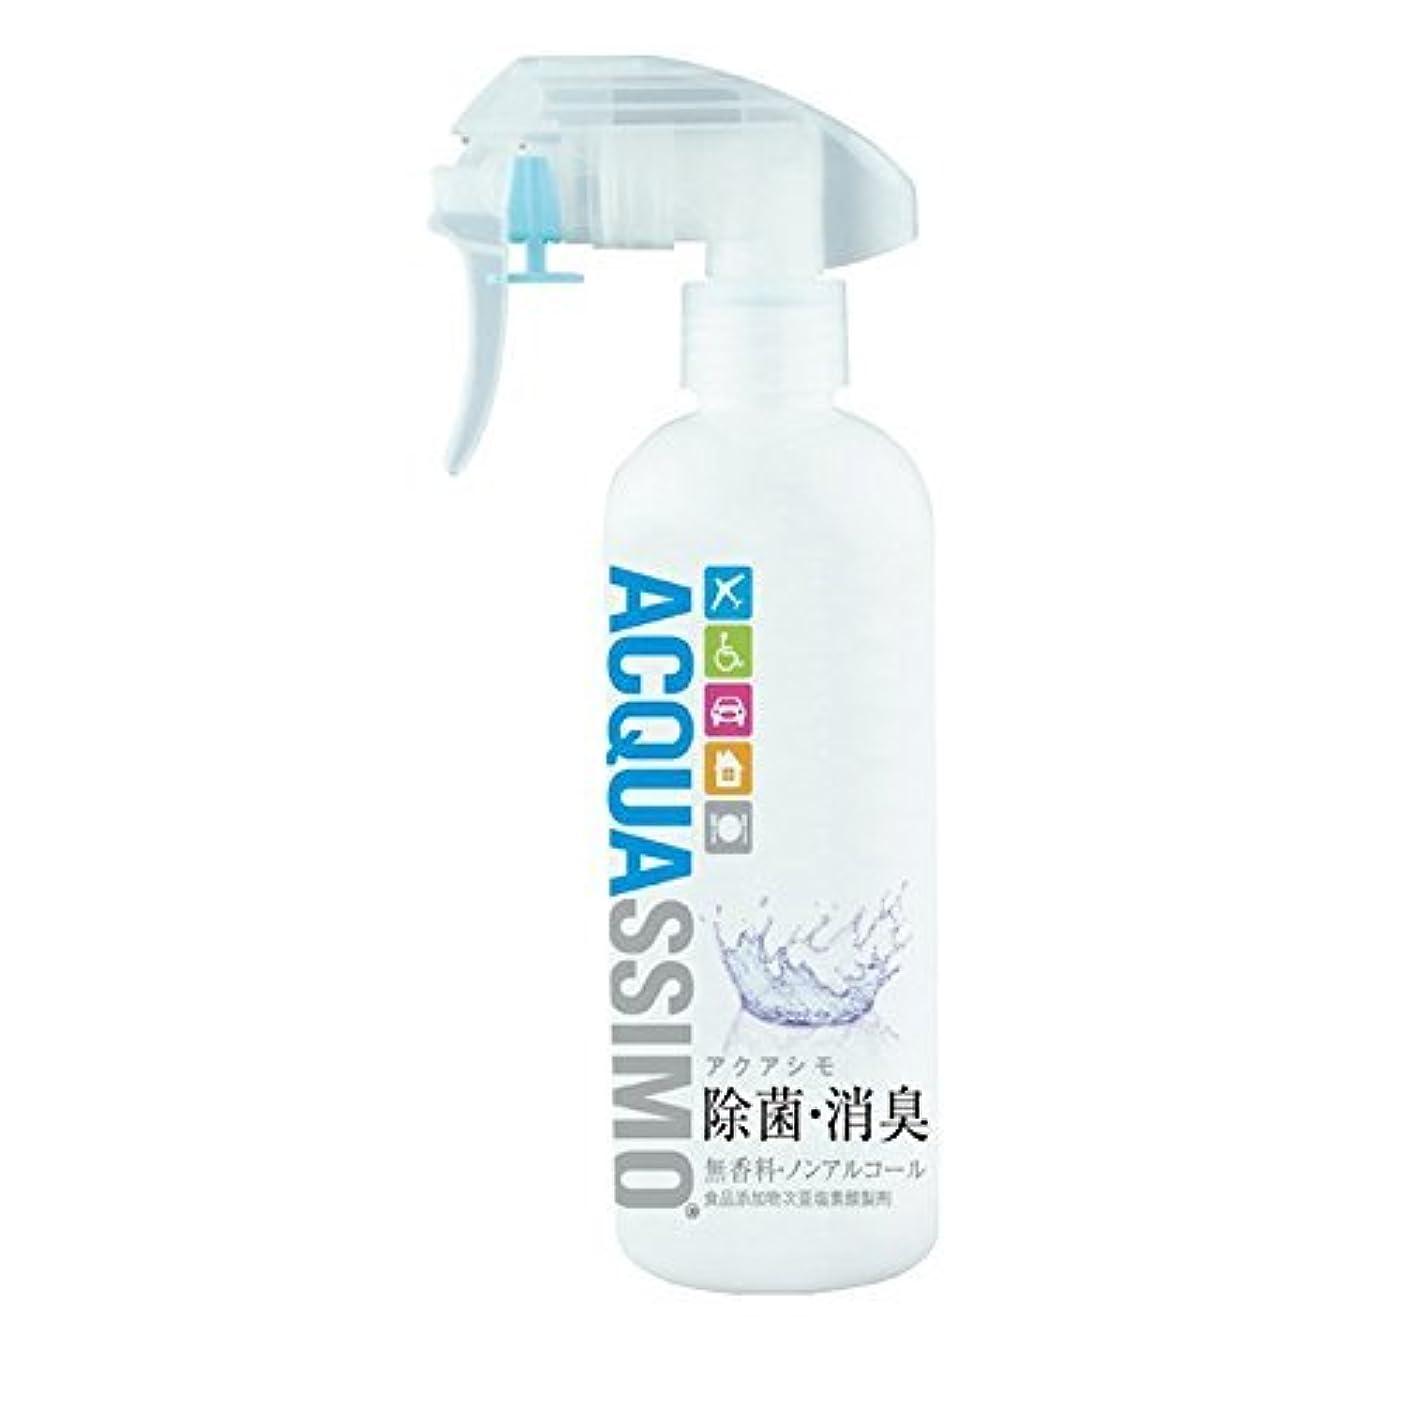 ドール教えオフ除菌消臭剤 300ml  /8-5425-01